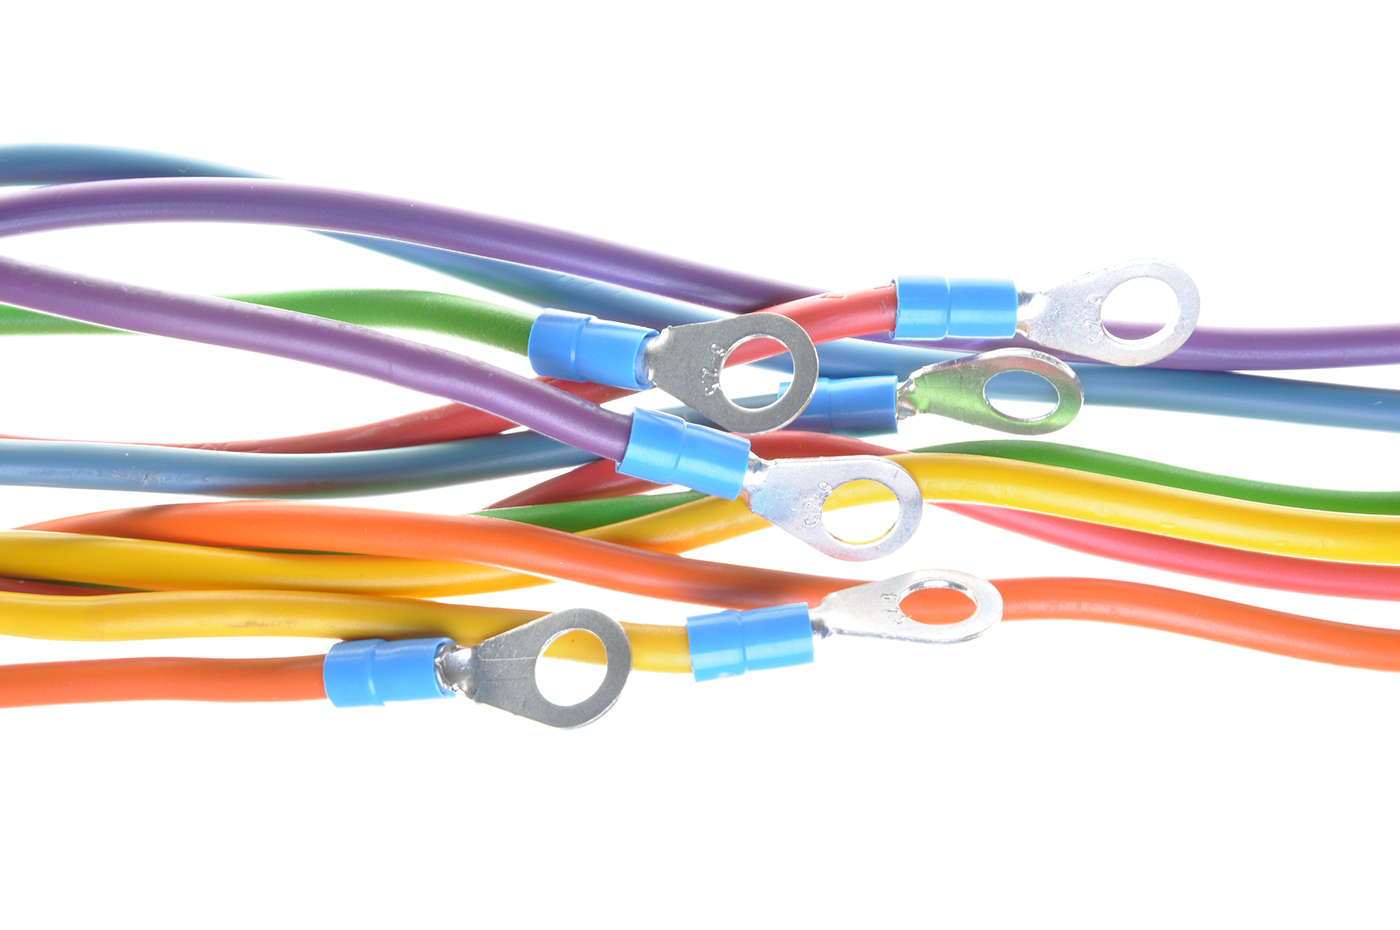 Mit unserer Kabelbearbeitungstechnik verarbeiten Sie Ringkabelschuhe, Stiftkabelschuhe, Aderendhülsen, Leitungen und Kabel.